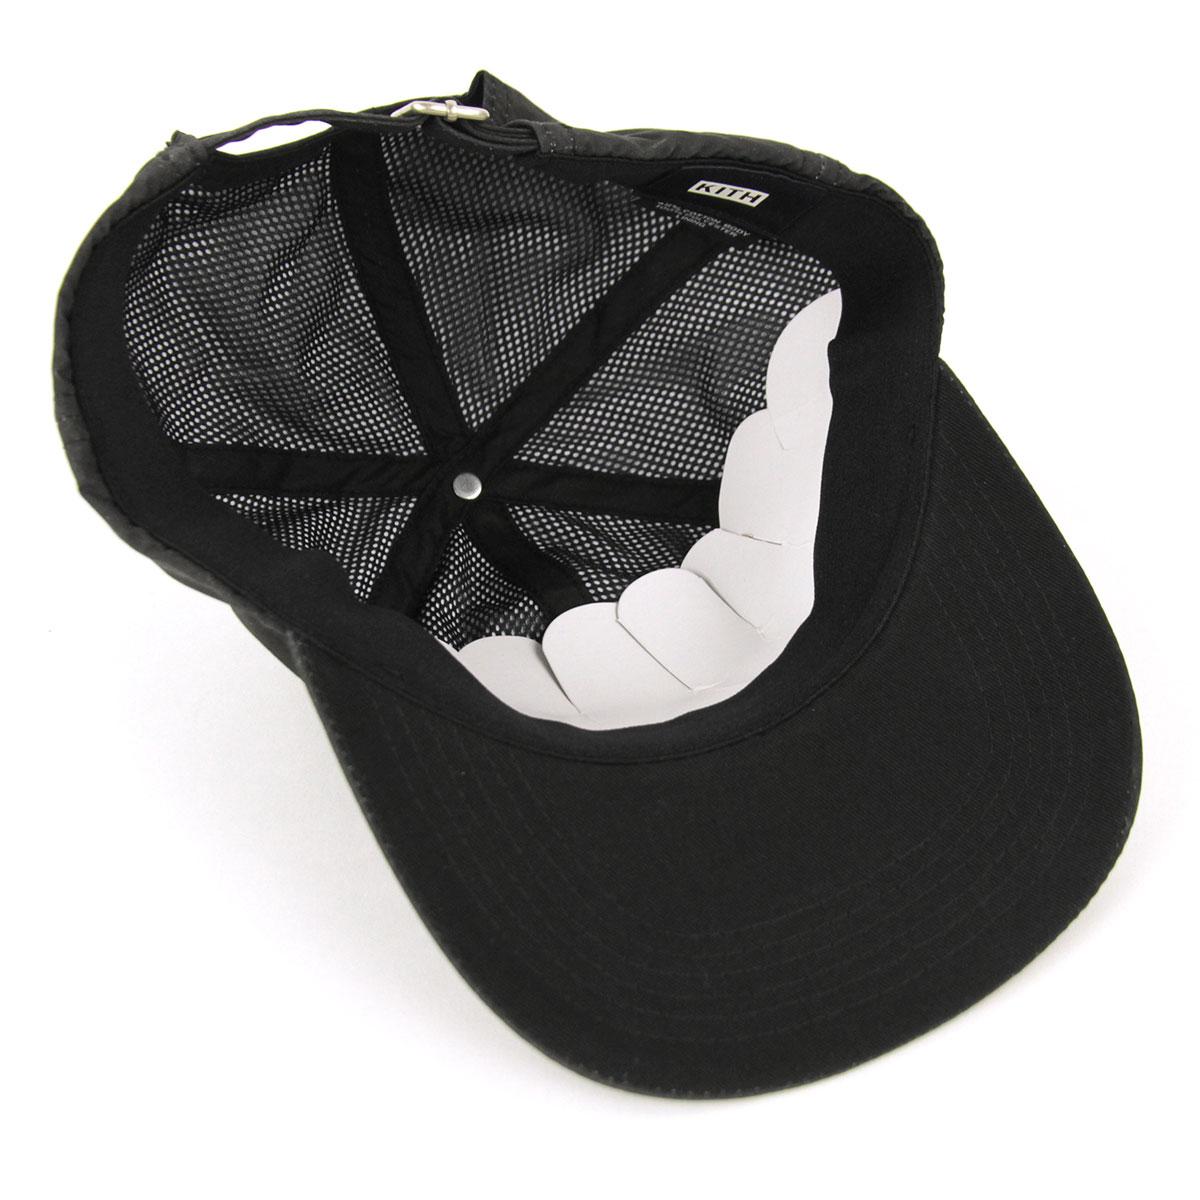 キス キャップ メンズ 正規品 KITH 帽子 KITH SWIM CAP KH5715-100 BLACK A95B B1C C3D D4E E13F